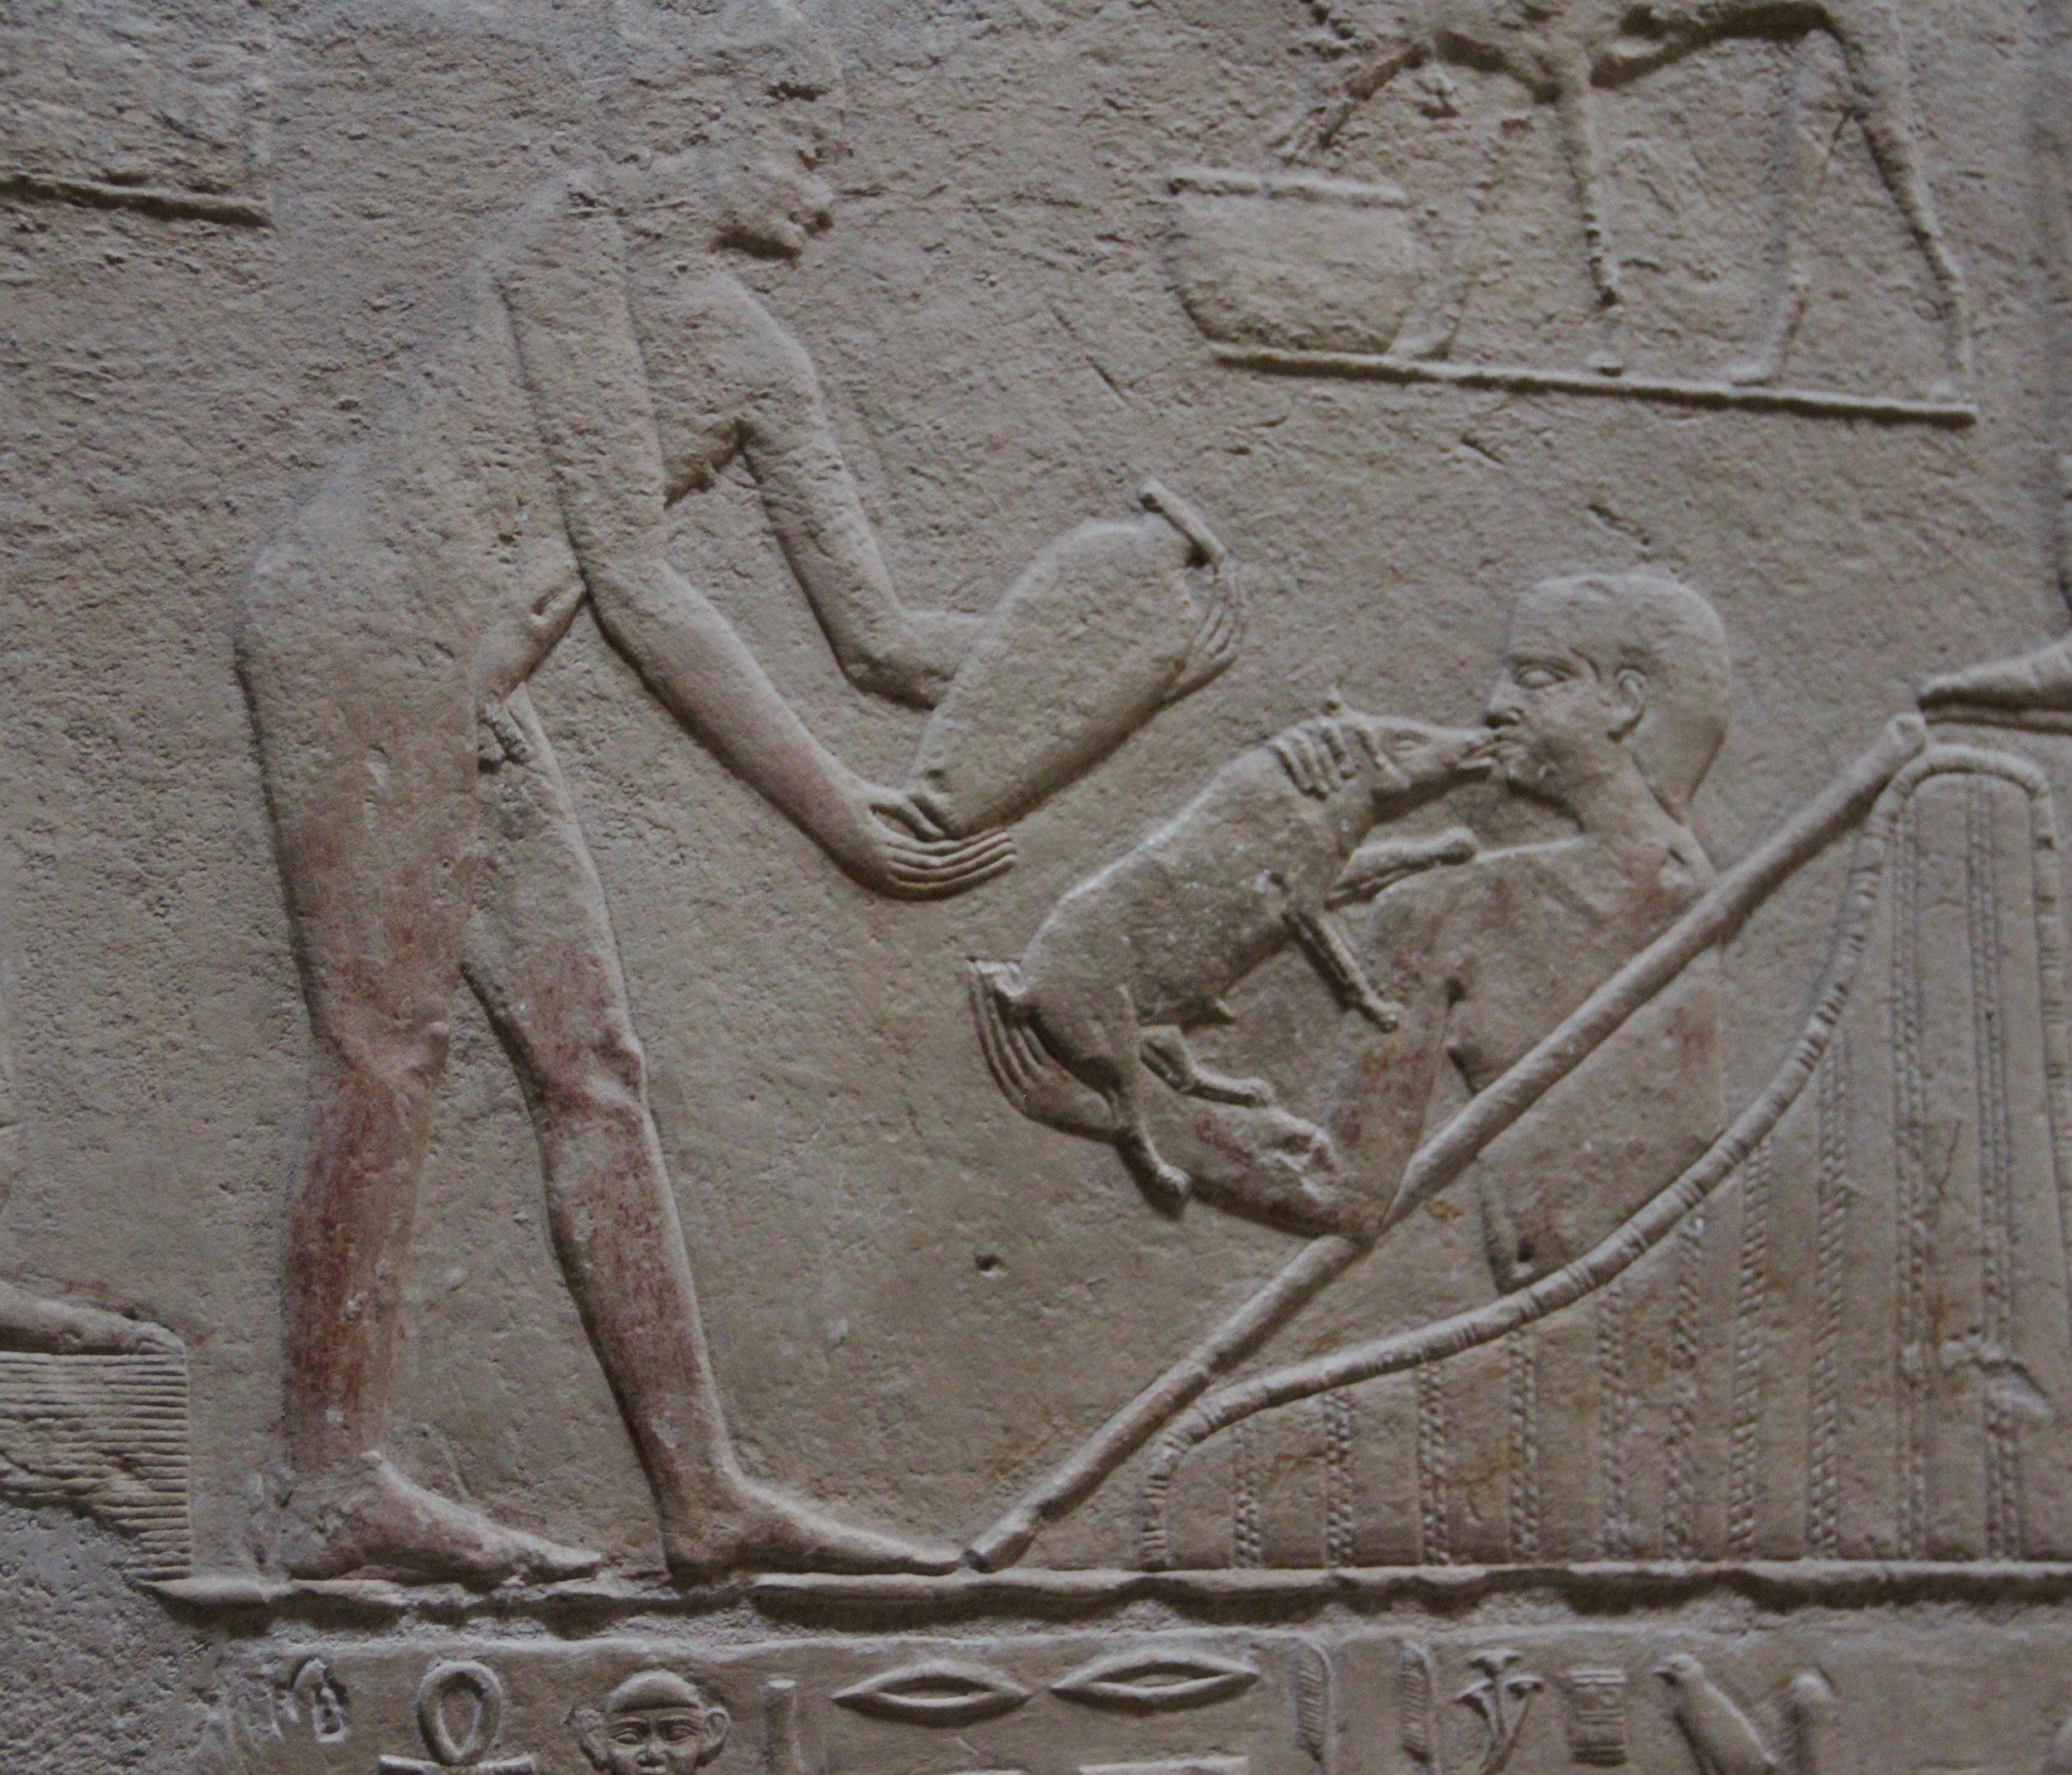 A farmer kissing his pig - 4750 years ago